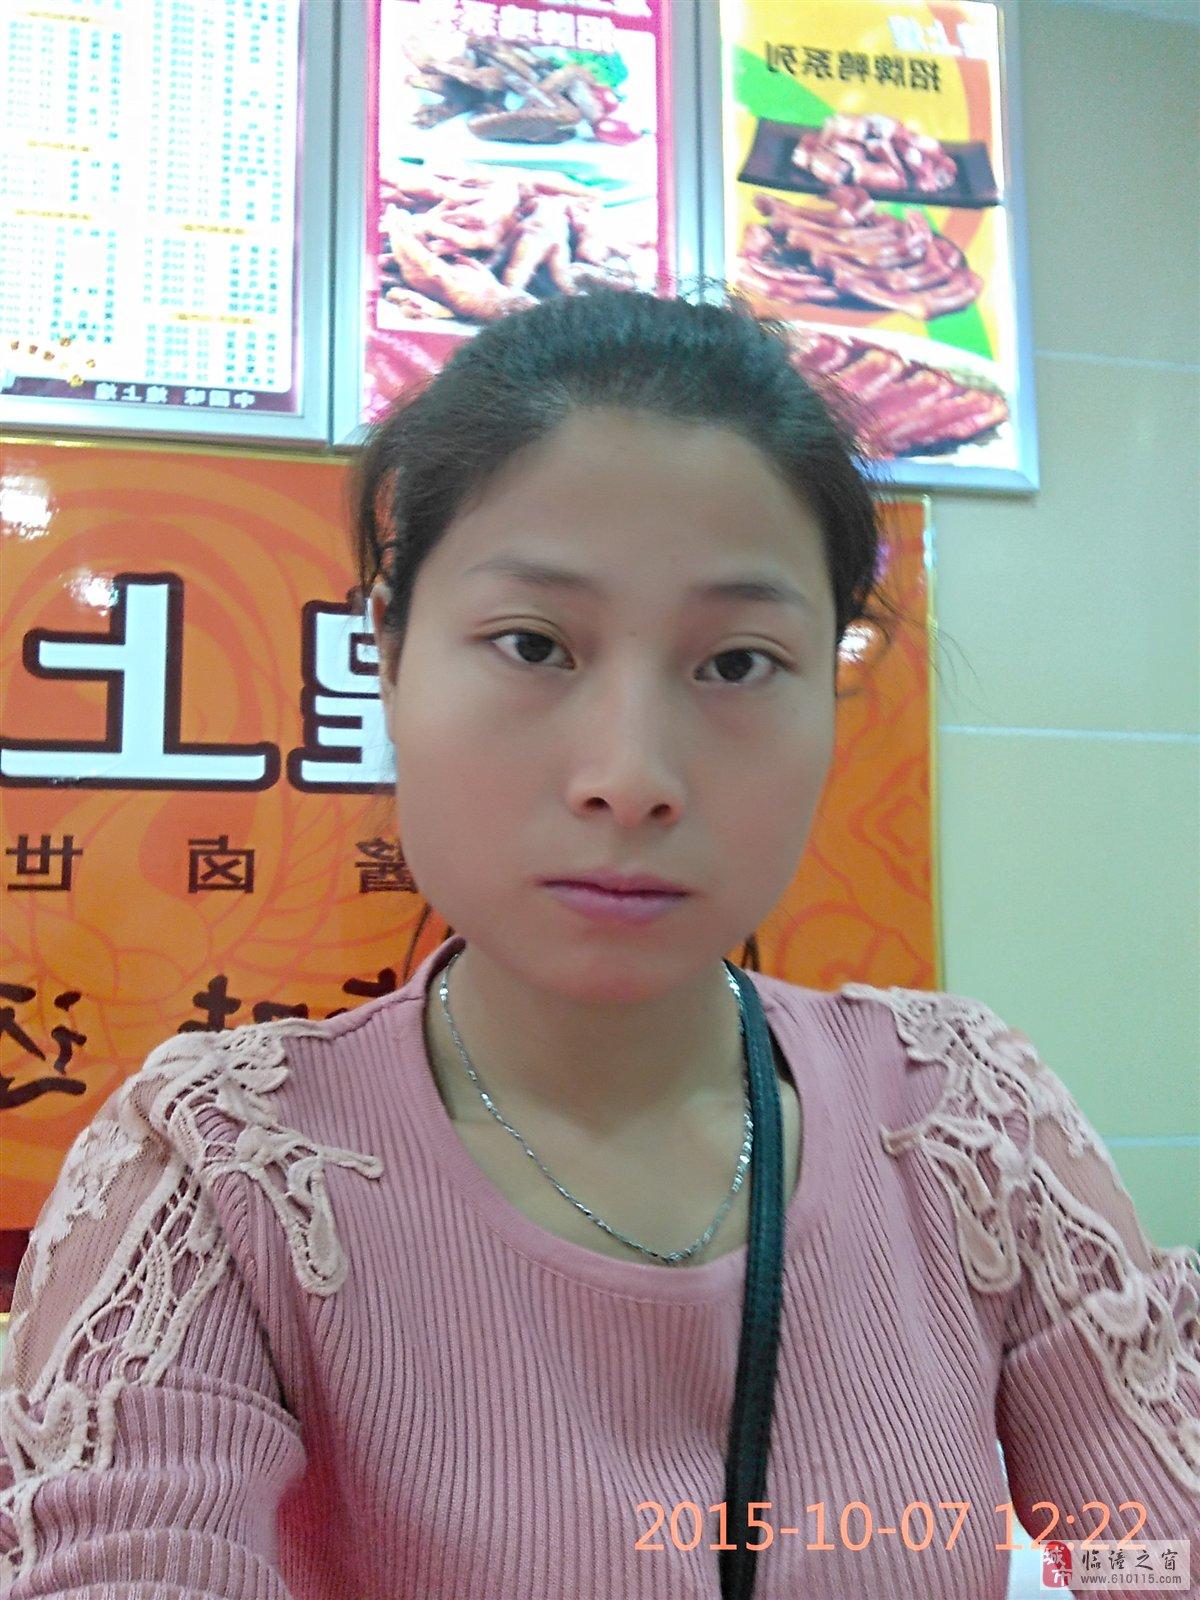 投票排行榜_临潼最美女创客(高颜值老板娘)第中国混血美女西班牙图片